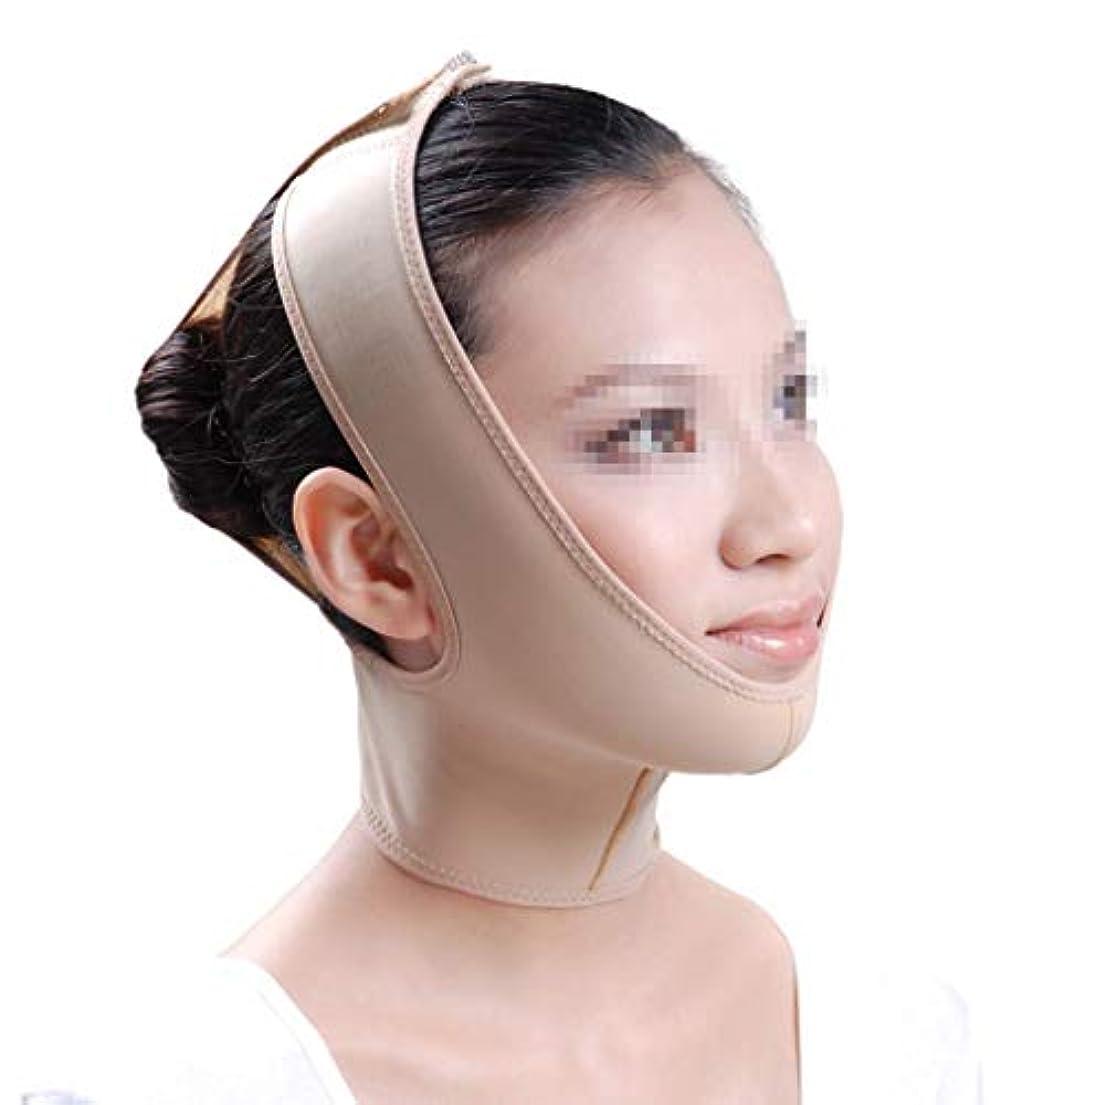 パテポジティブマイルストーンフェイスリフトマスク、顎首スリーブ首ダブルあご顔医療脂肪吸引手術傷フェイスマスクヘッド弾性スリーブ(サイズ:XXL)